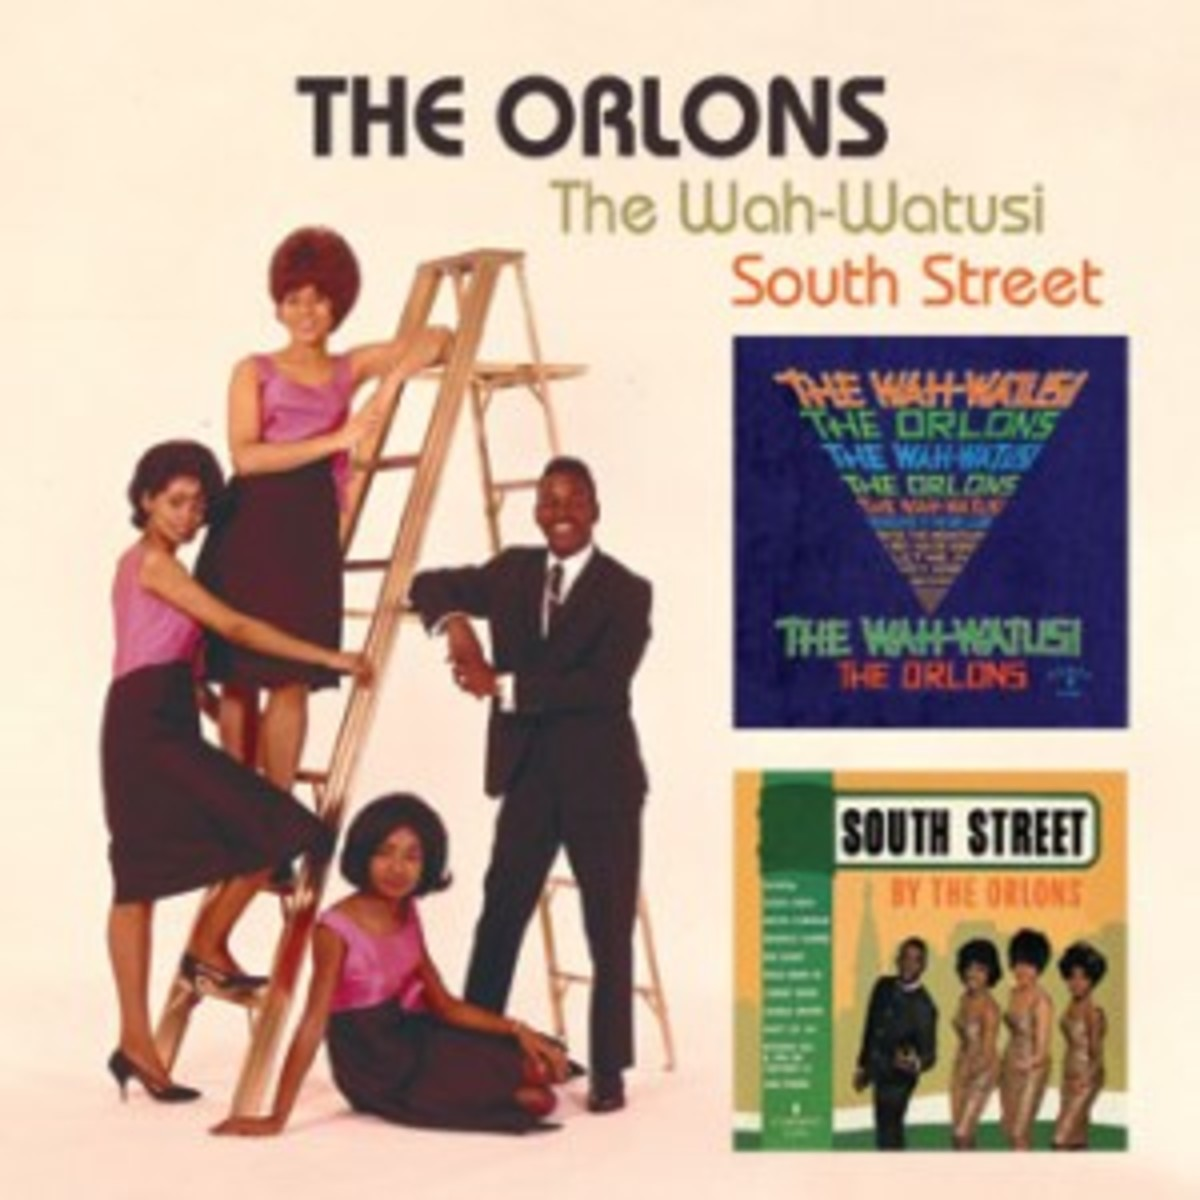 The Orlons The Wah-Watusi South Street